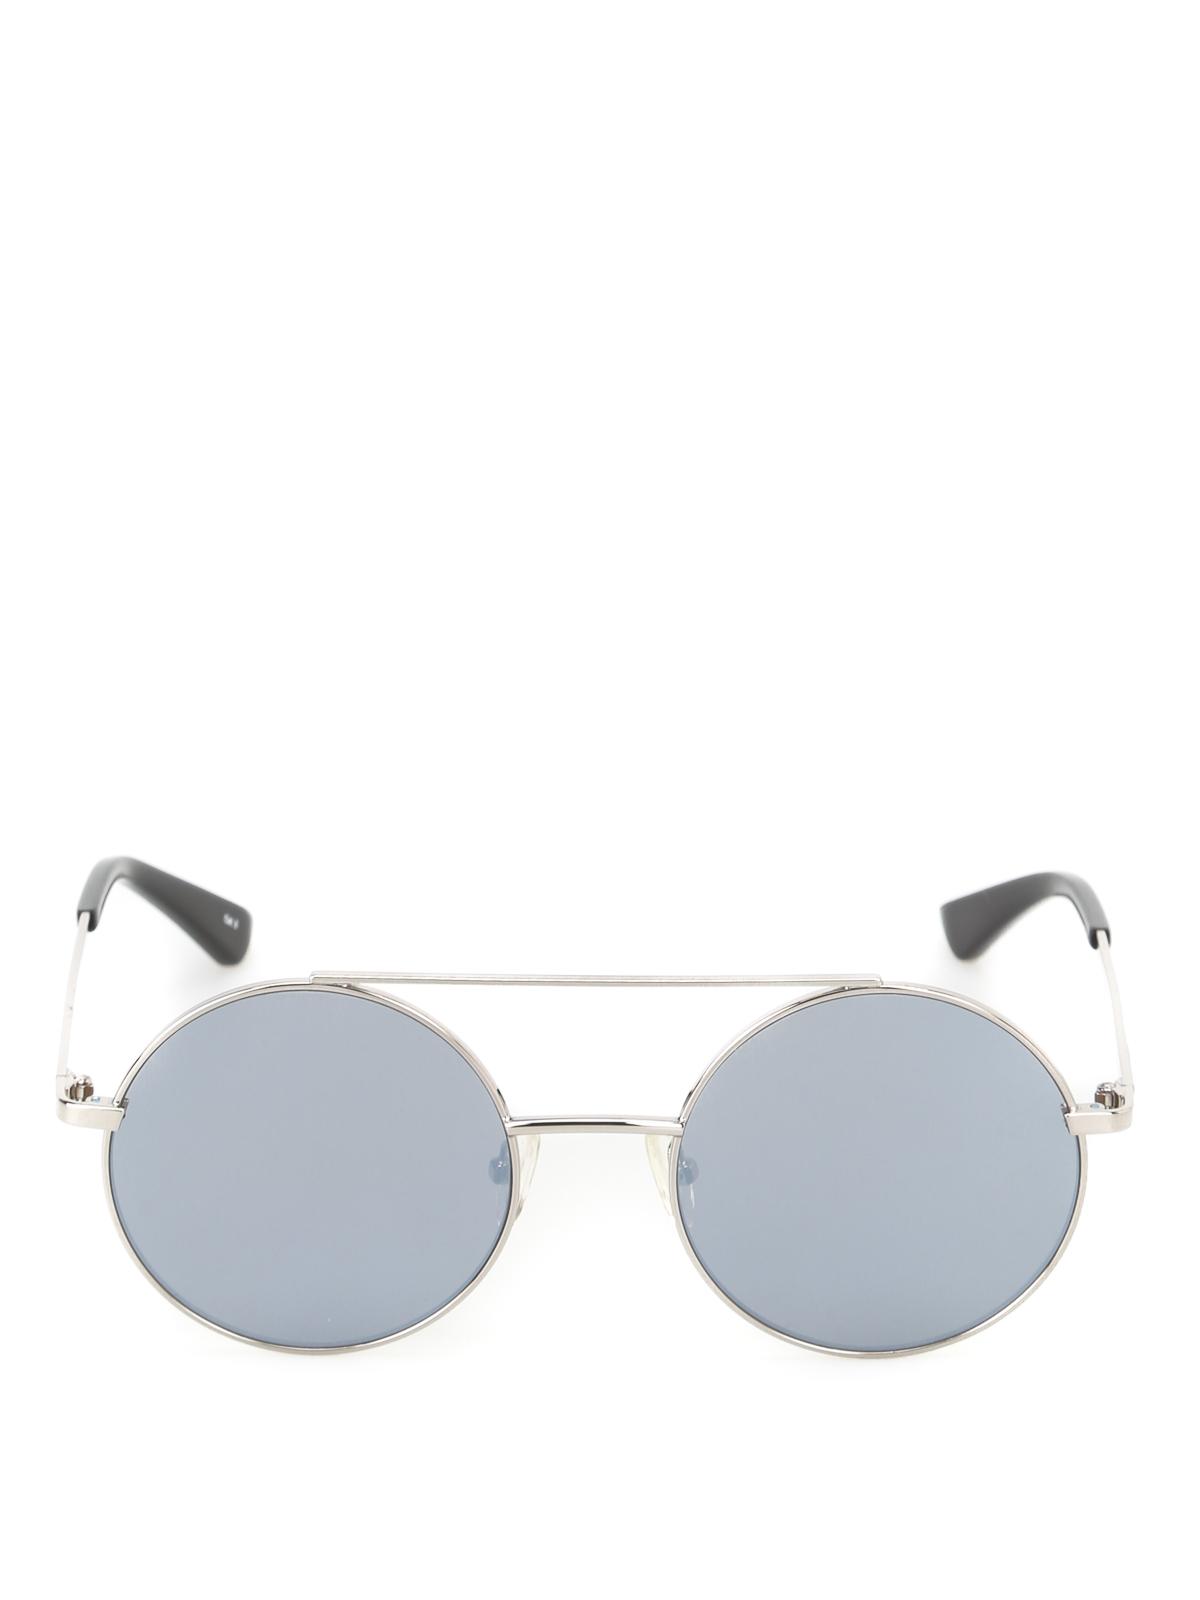 Occhiali Rotondi Lenti A Specchio Mcq Occhiali Da Sole